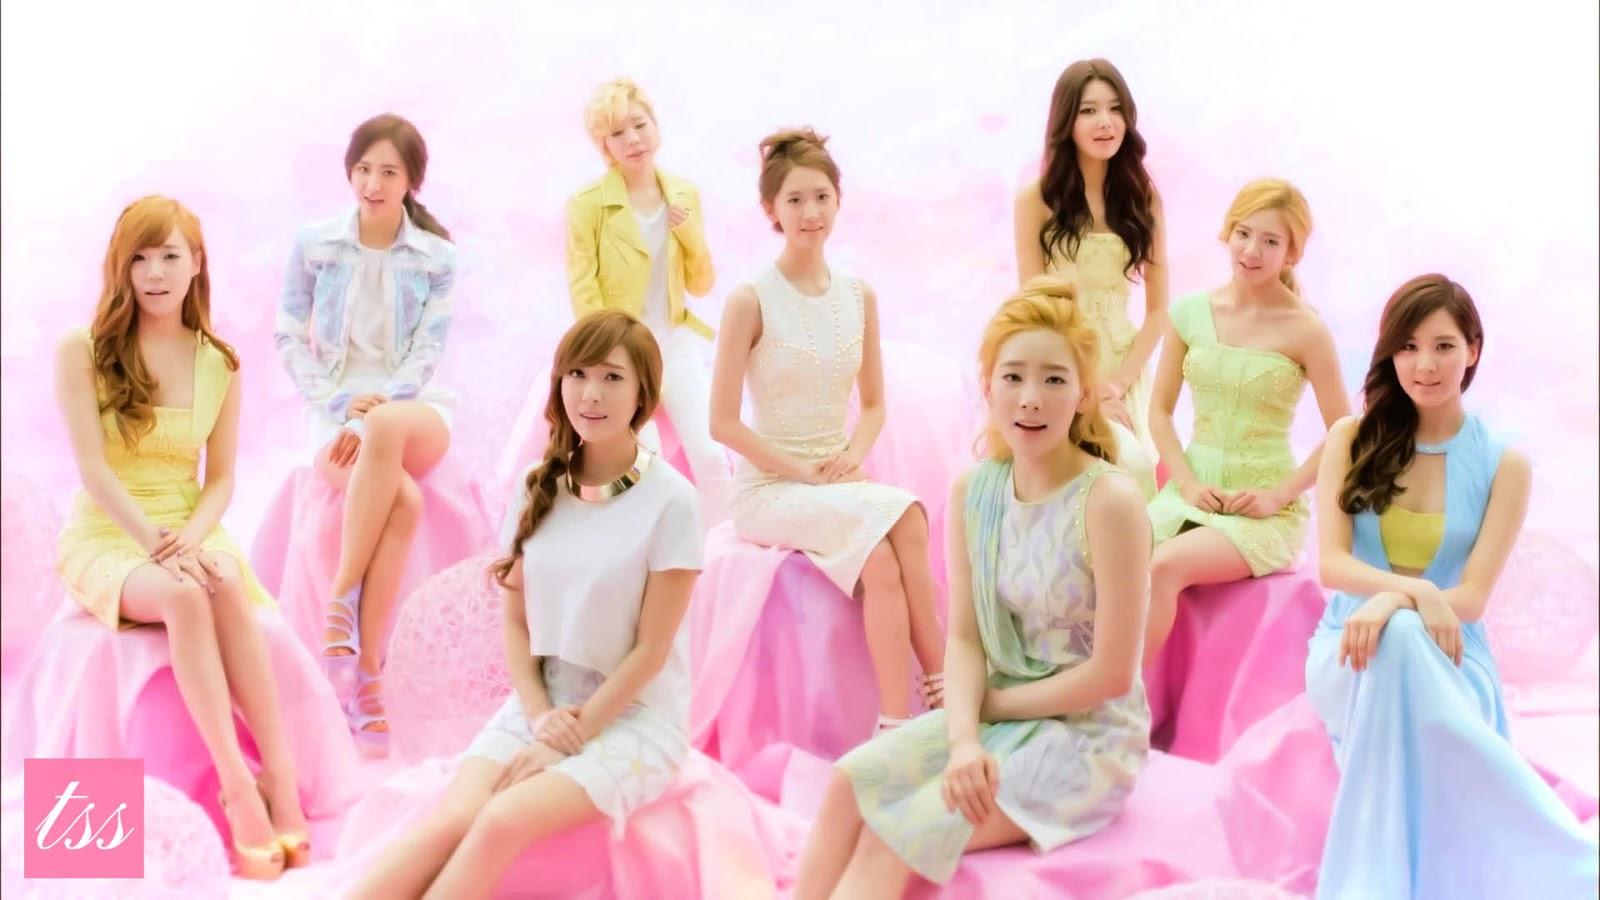 Biodata Member SNSD atau Girls Generation Lengkap dengan Fakta